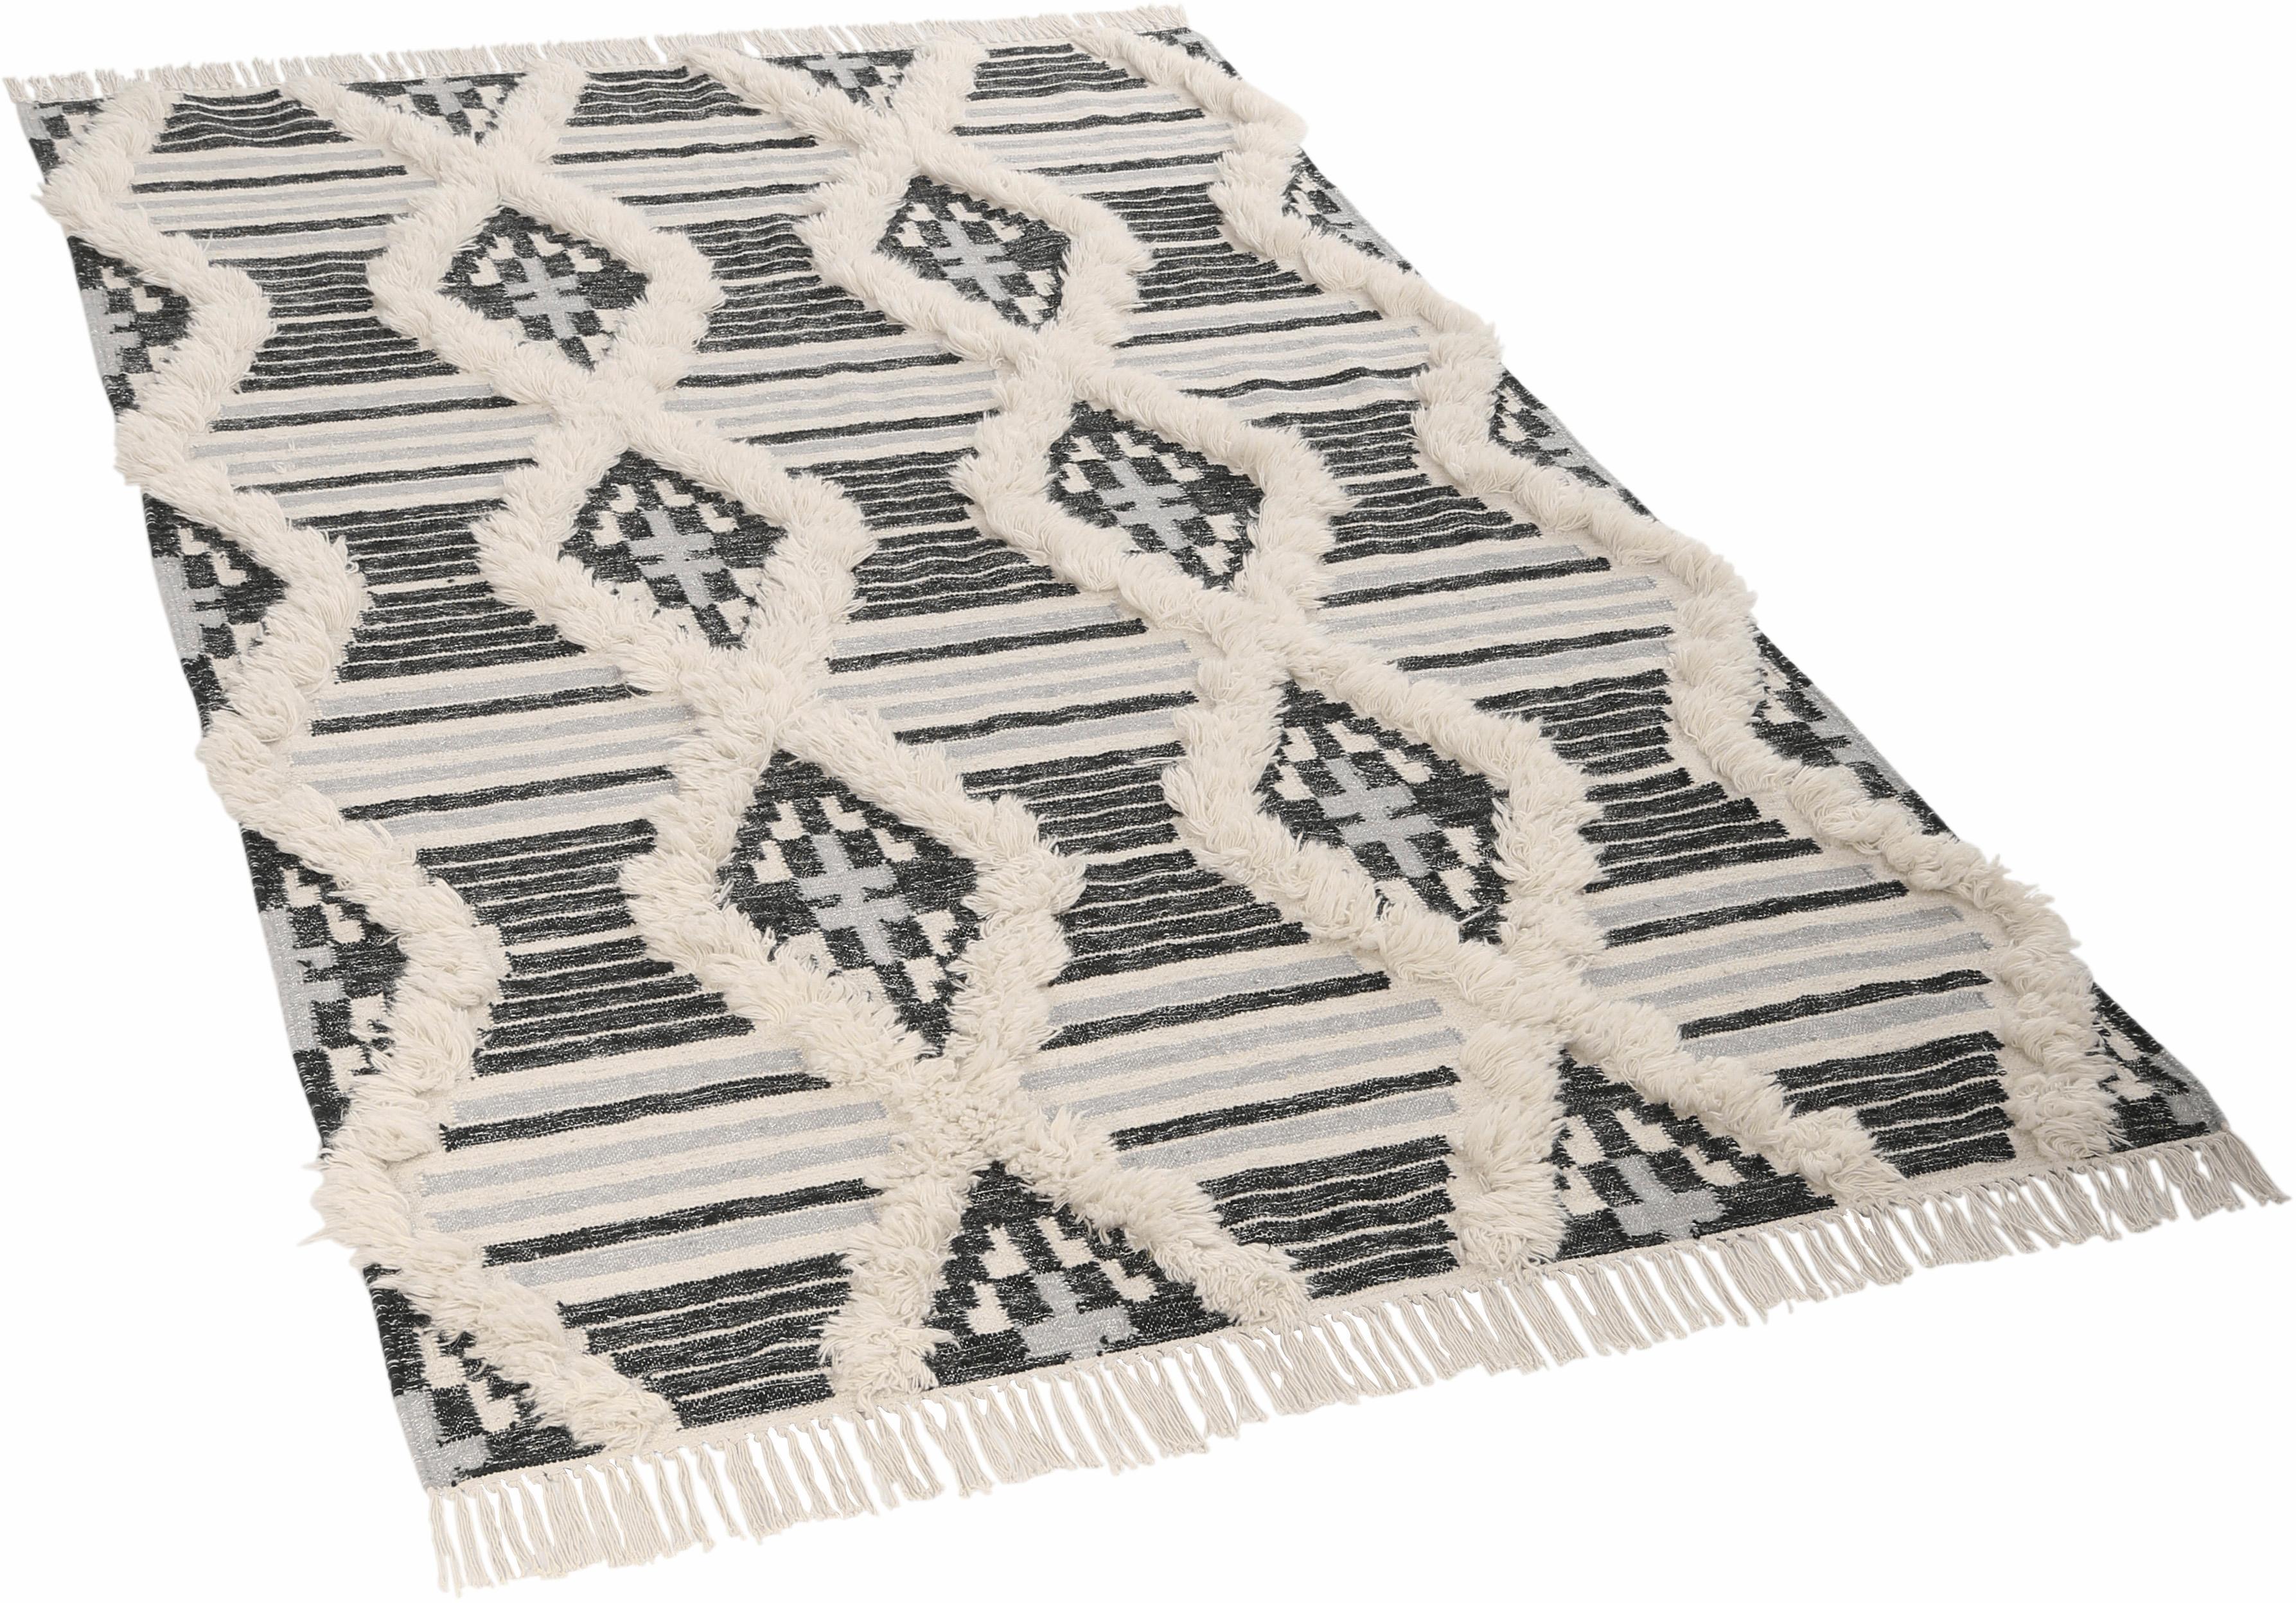 Orientteppich Cozy Kelim TOM TAILOR rechteckig Höhe 5 mm handgewebt